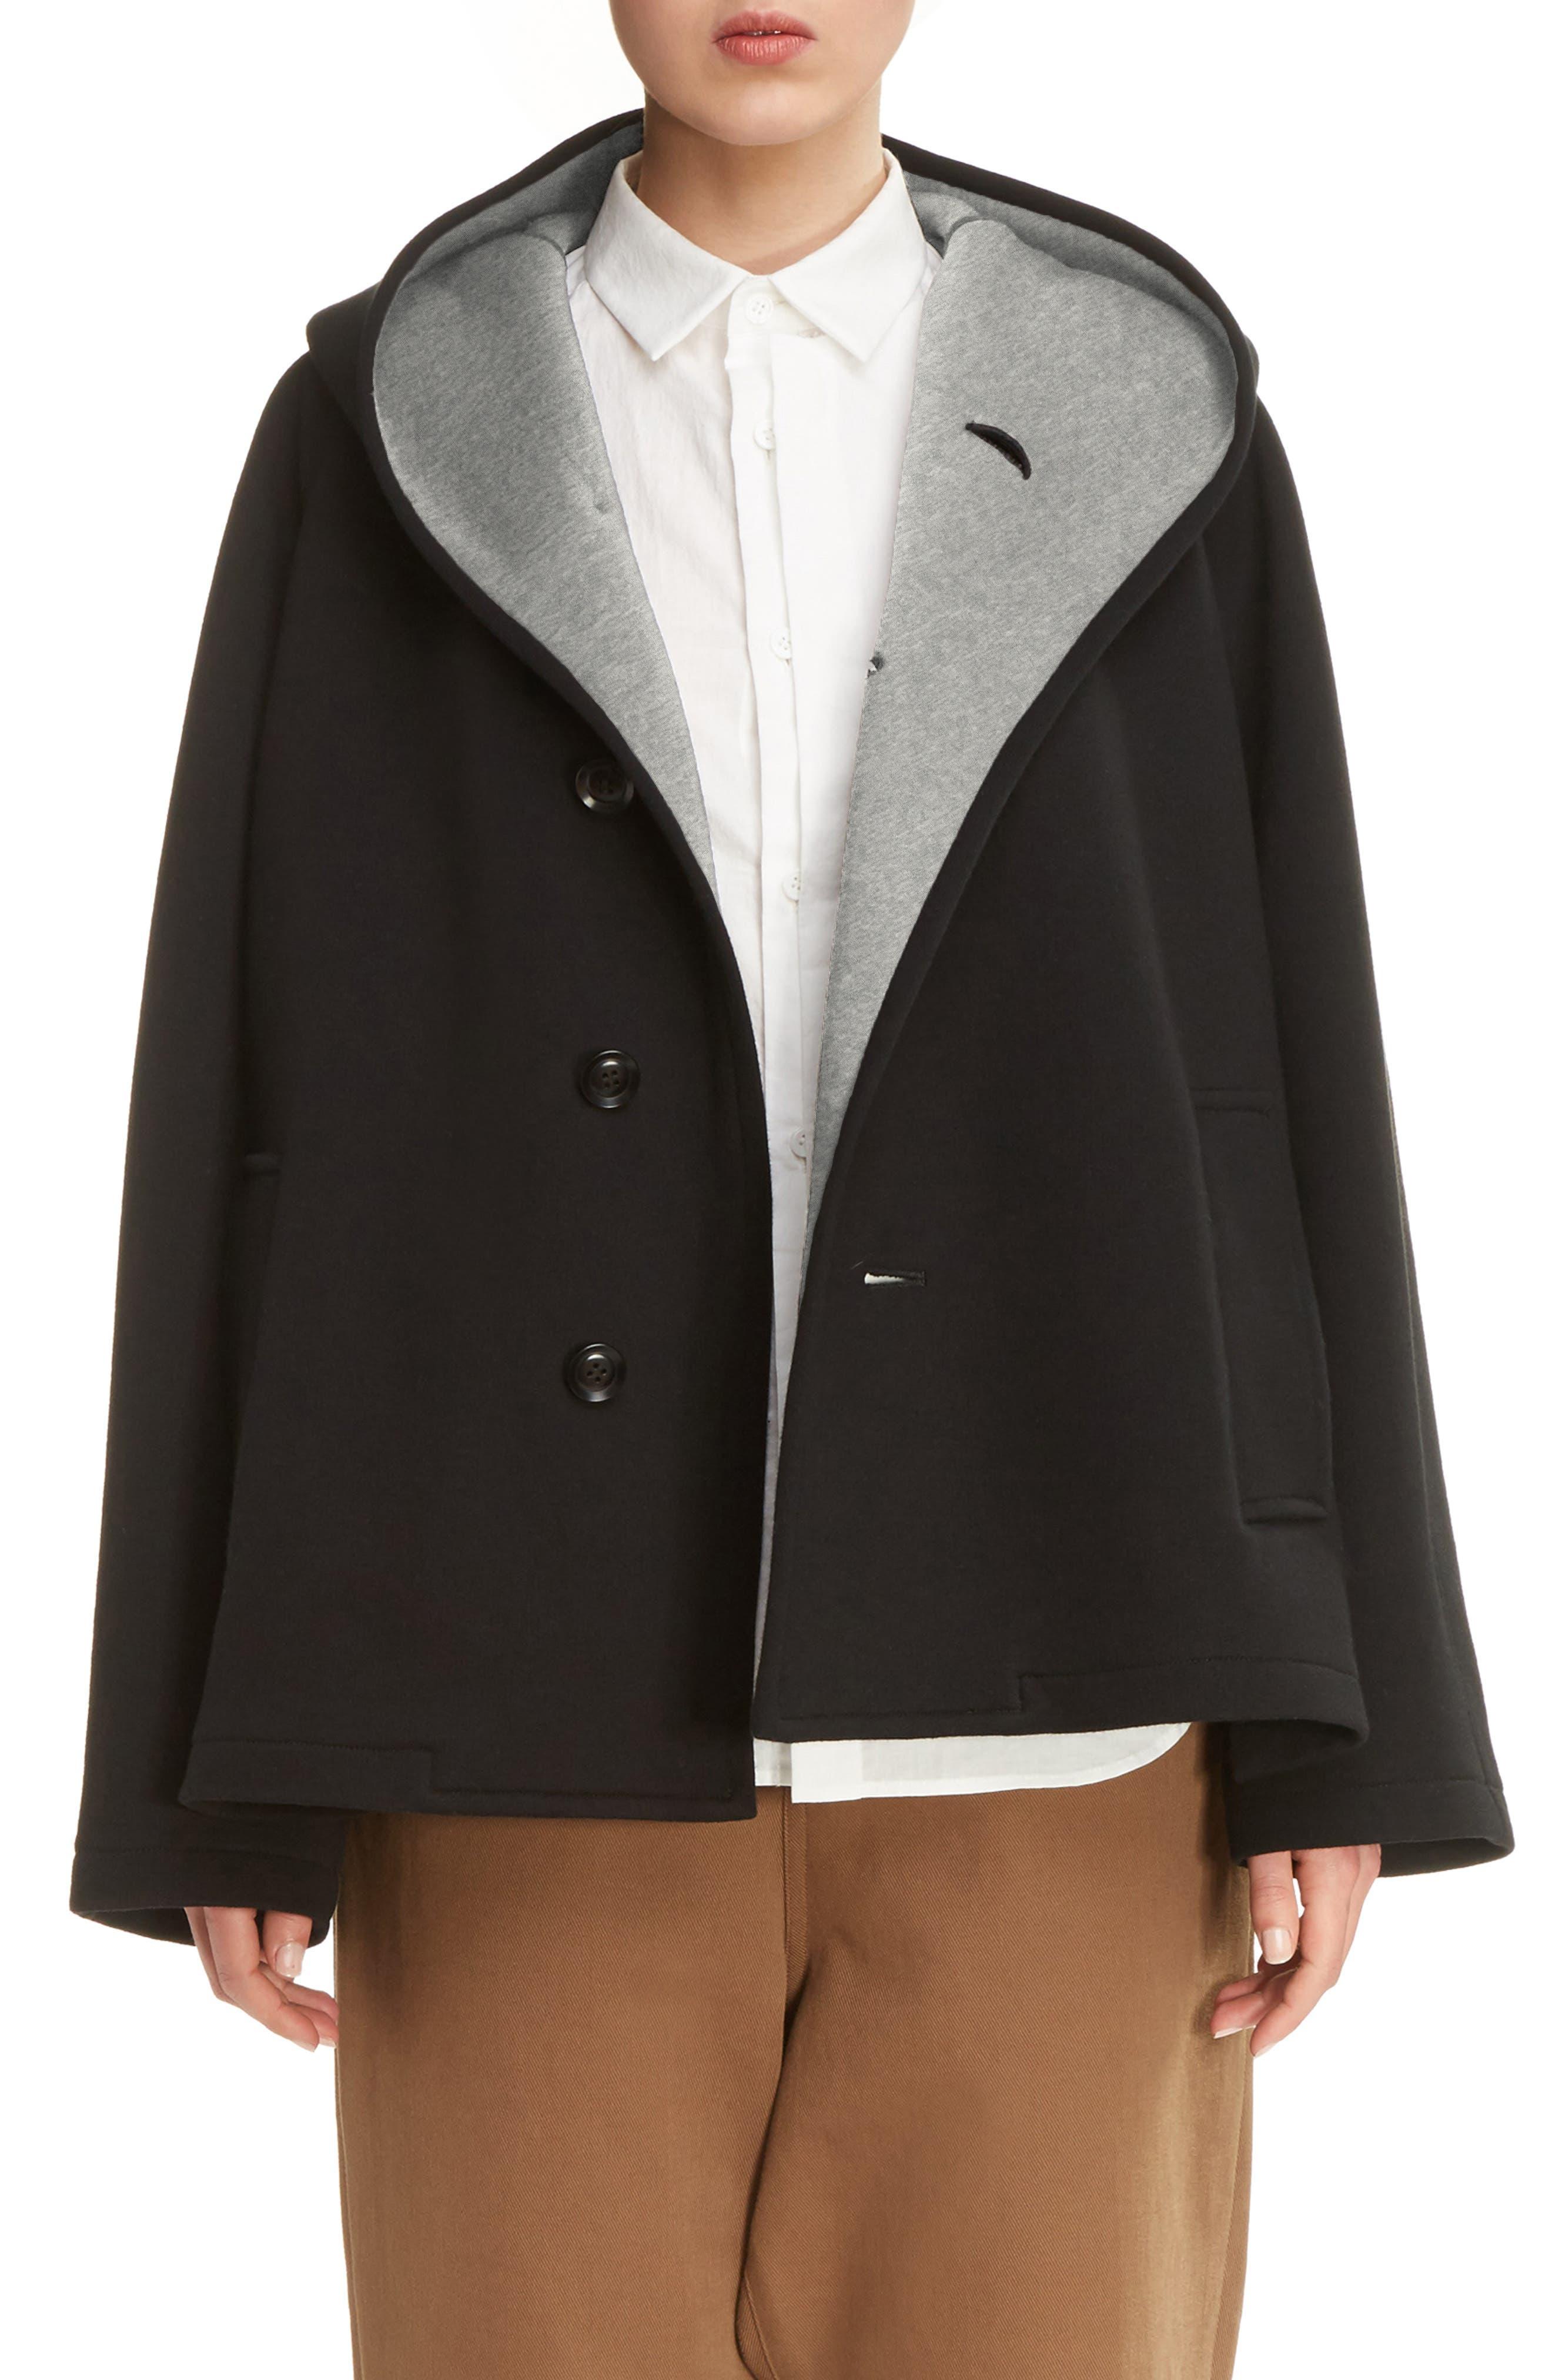 Y's by Yohji Yamamoto U-Hood Short Jacket